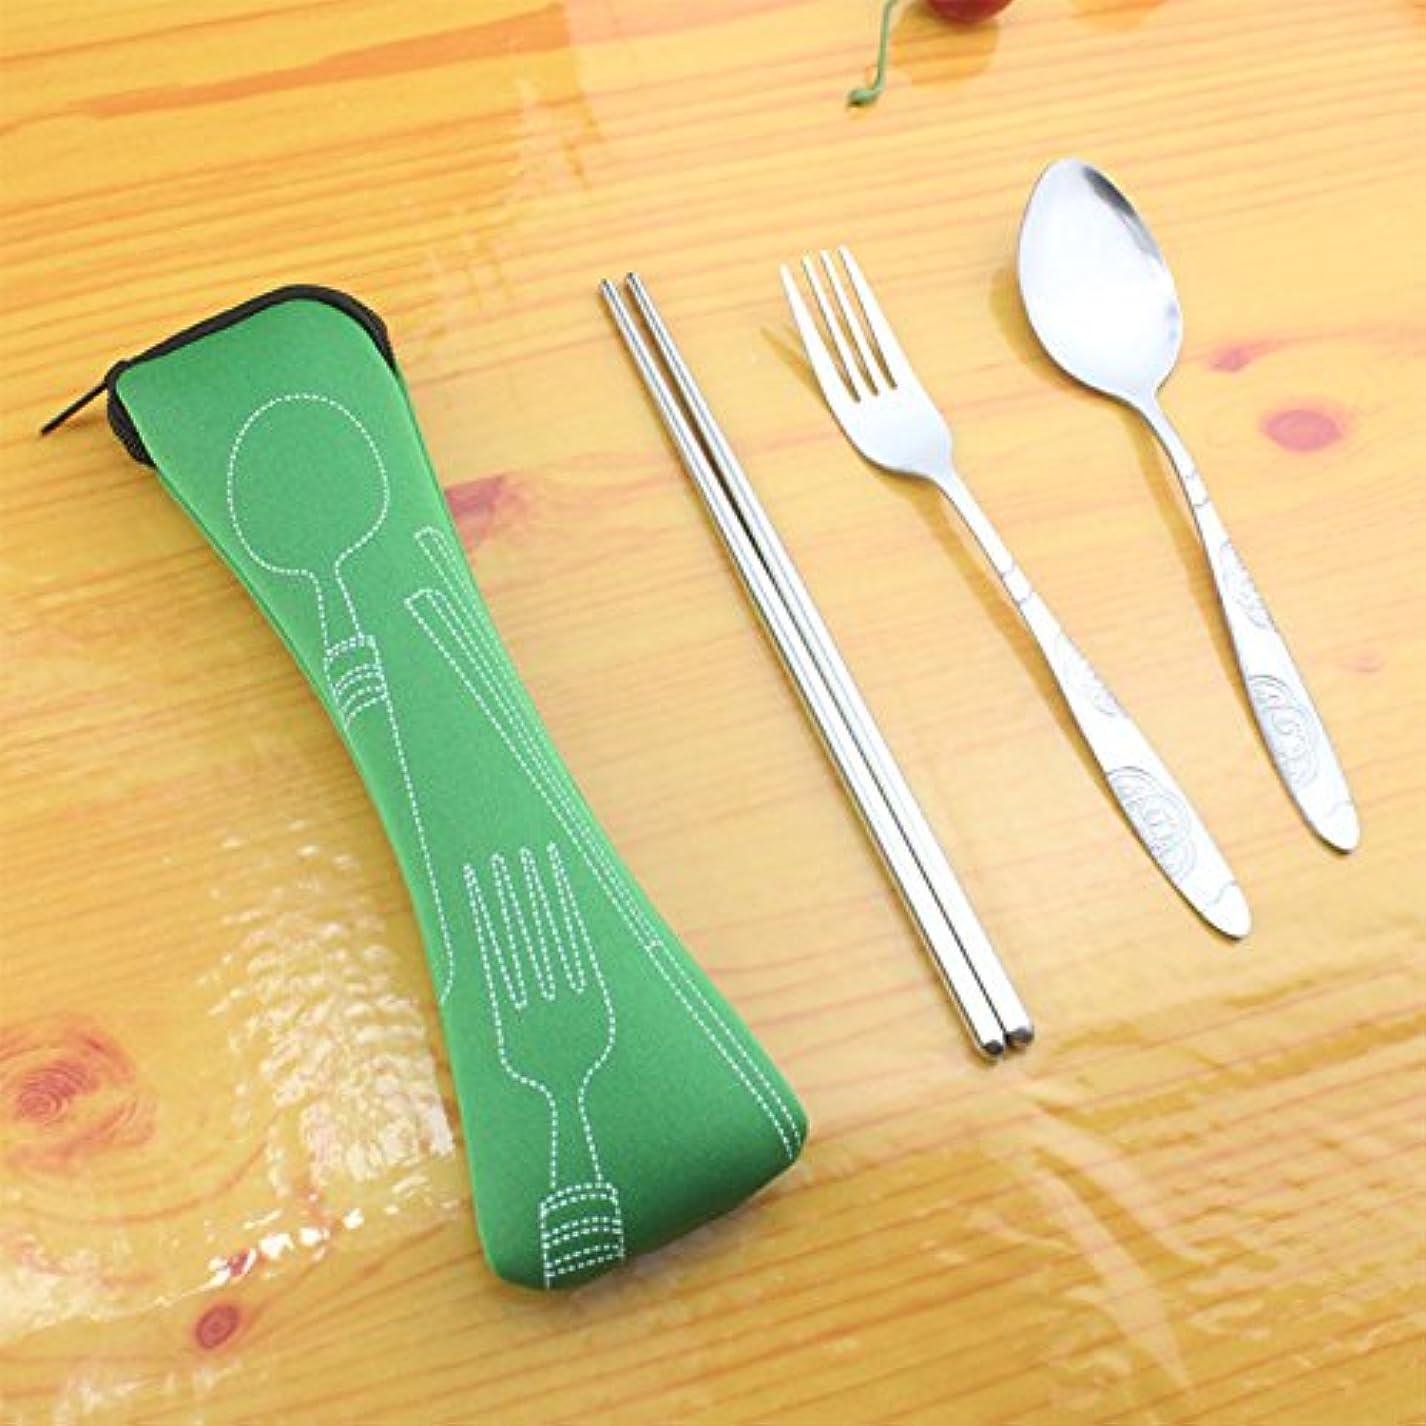 所属領収書明らかにするRaiFu ステンレス鋼食品カトラリーセットスプーン箸ポークポータブル 食器アクセサリー バッグ付き 3ピース/セット グリーン